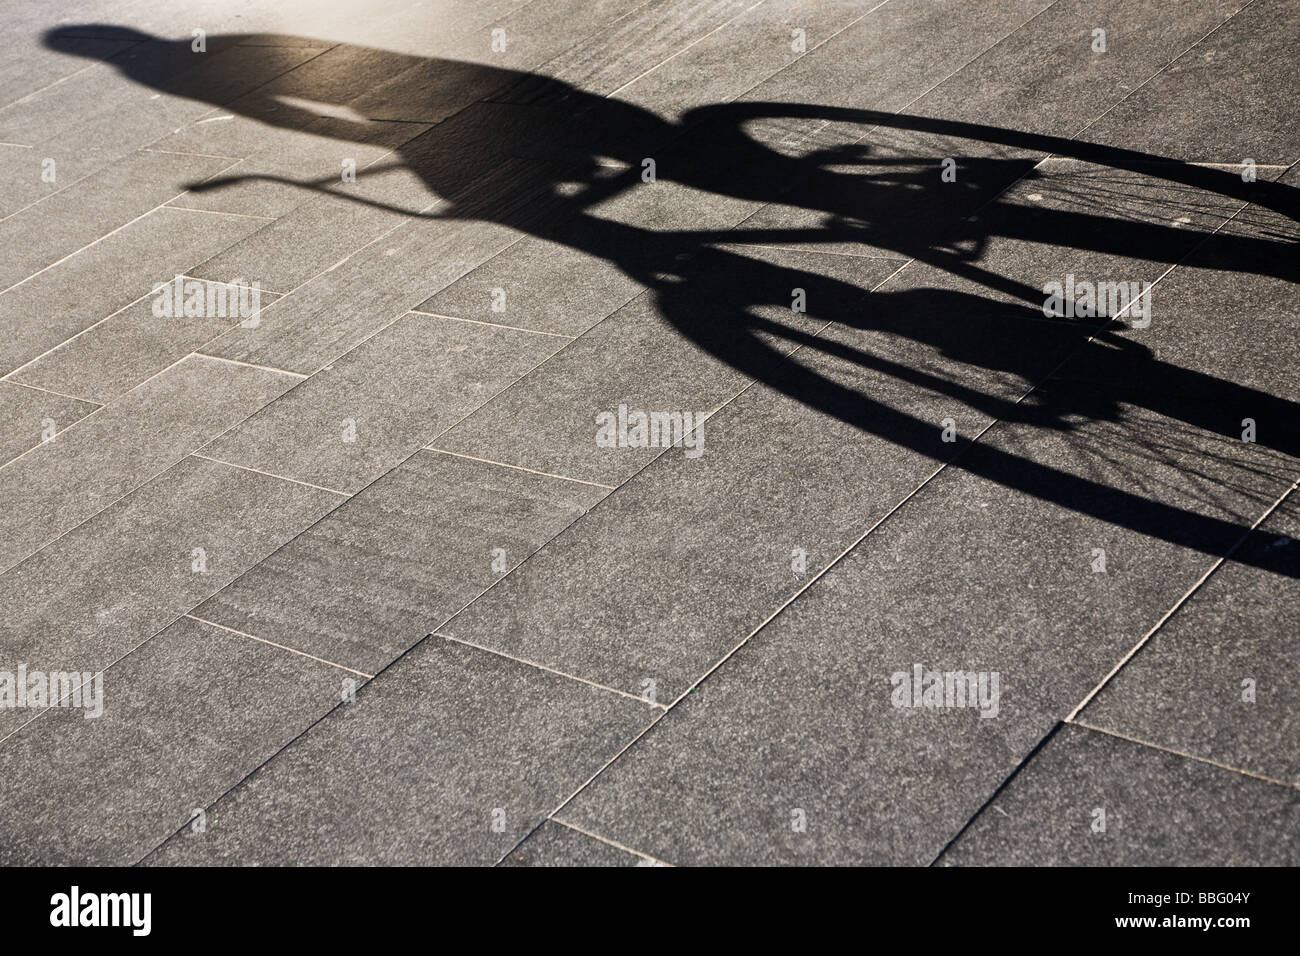 Sombra de una persona andar en bicicleta Imagen De Stock